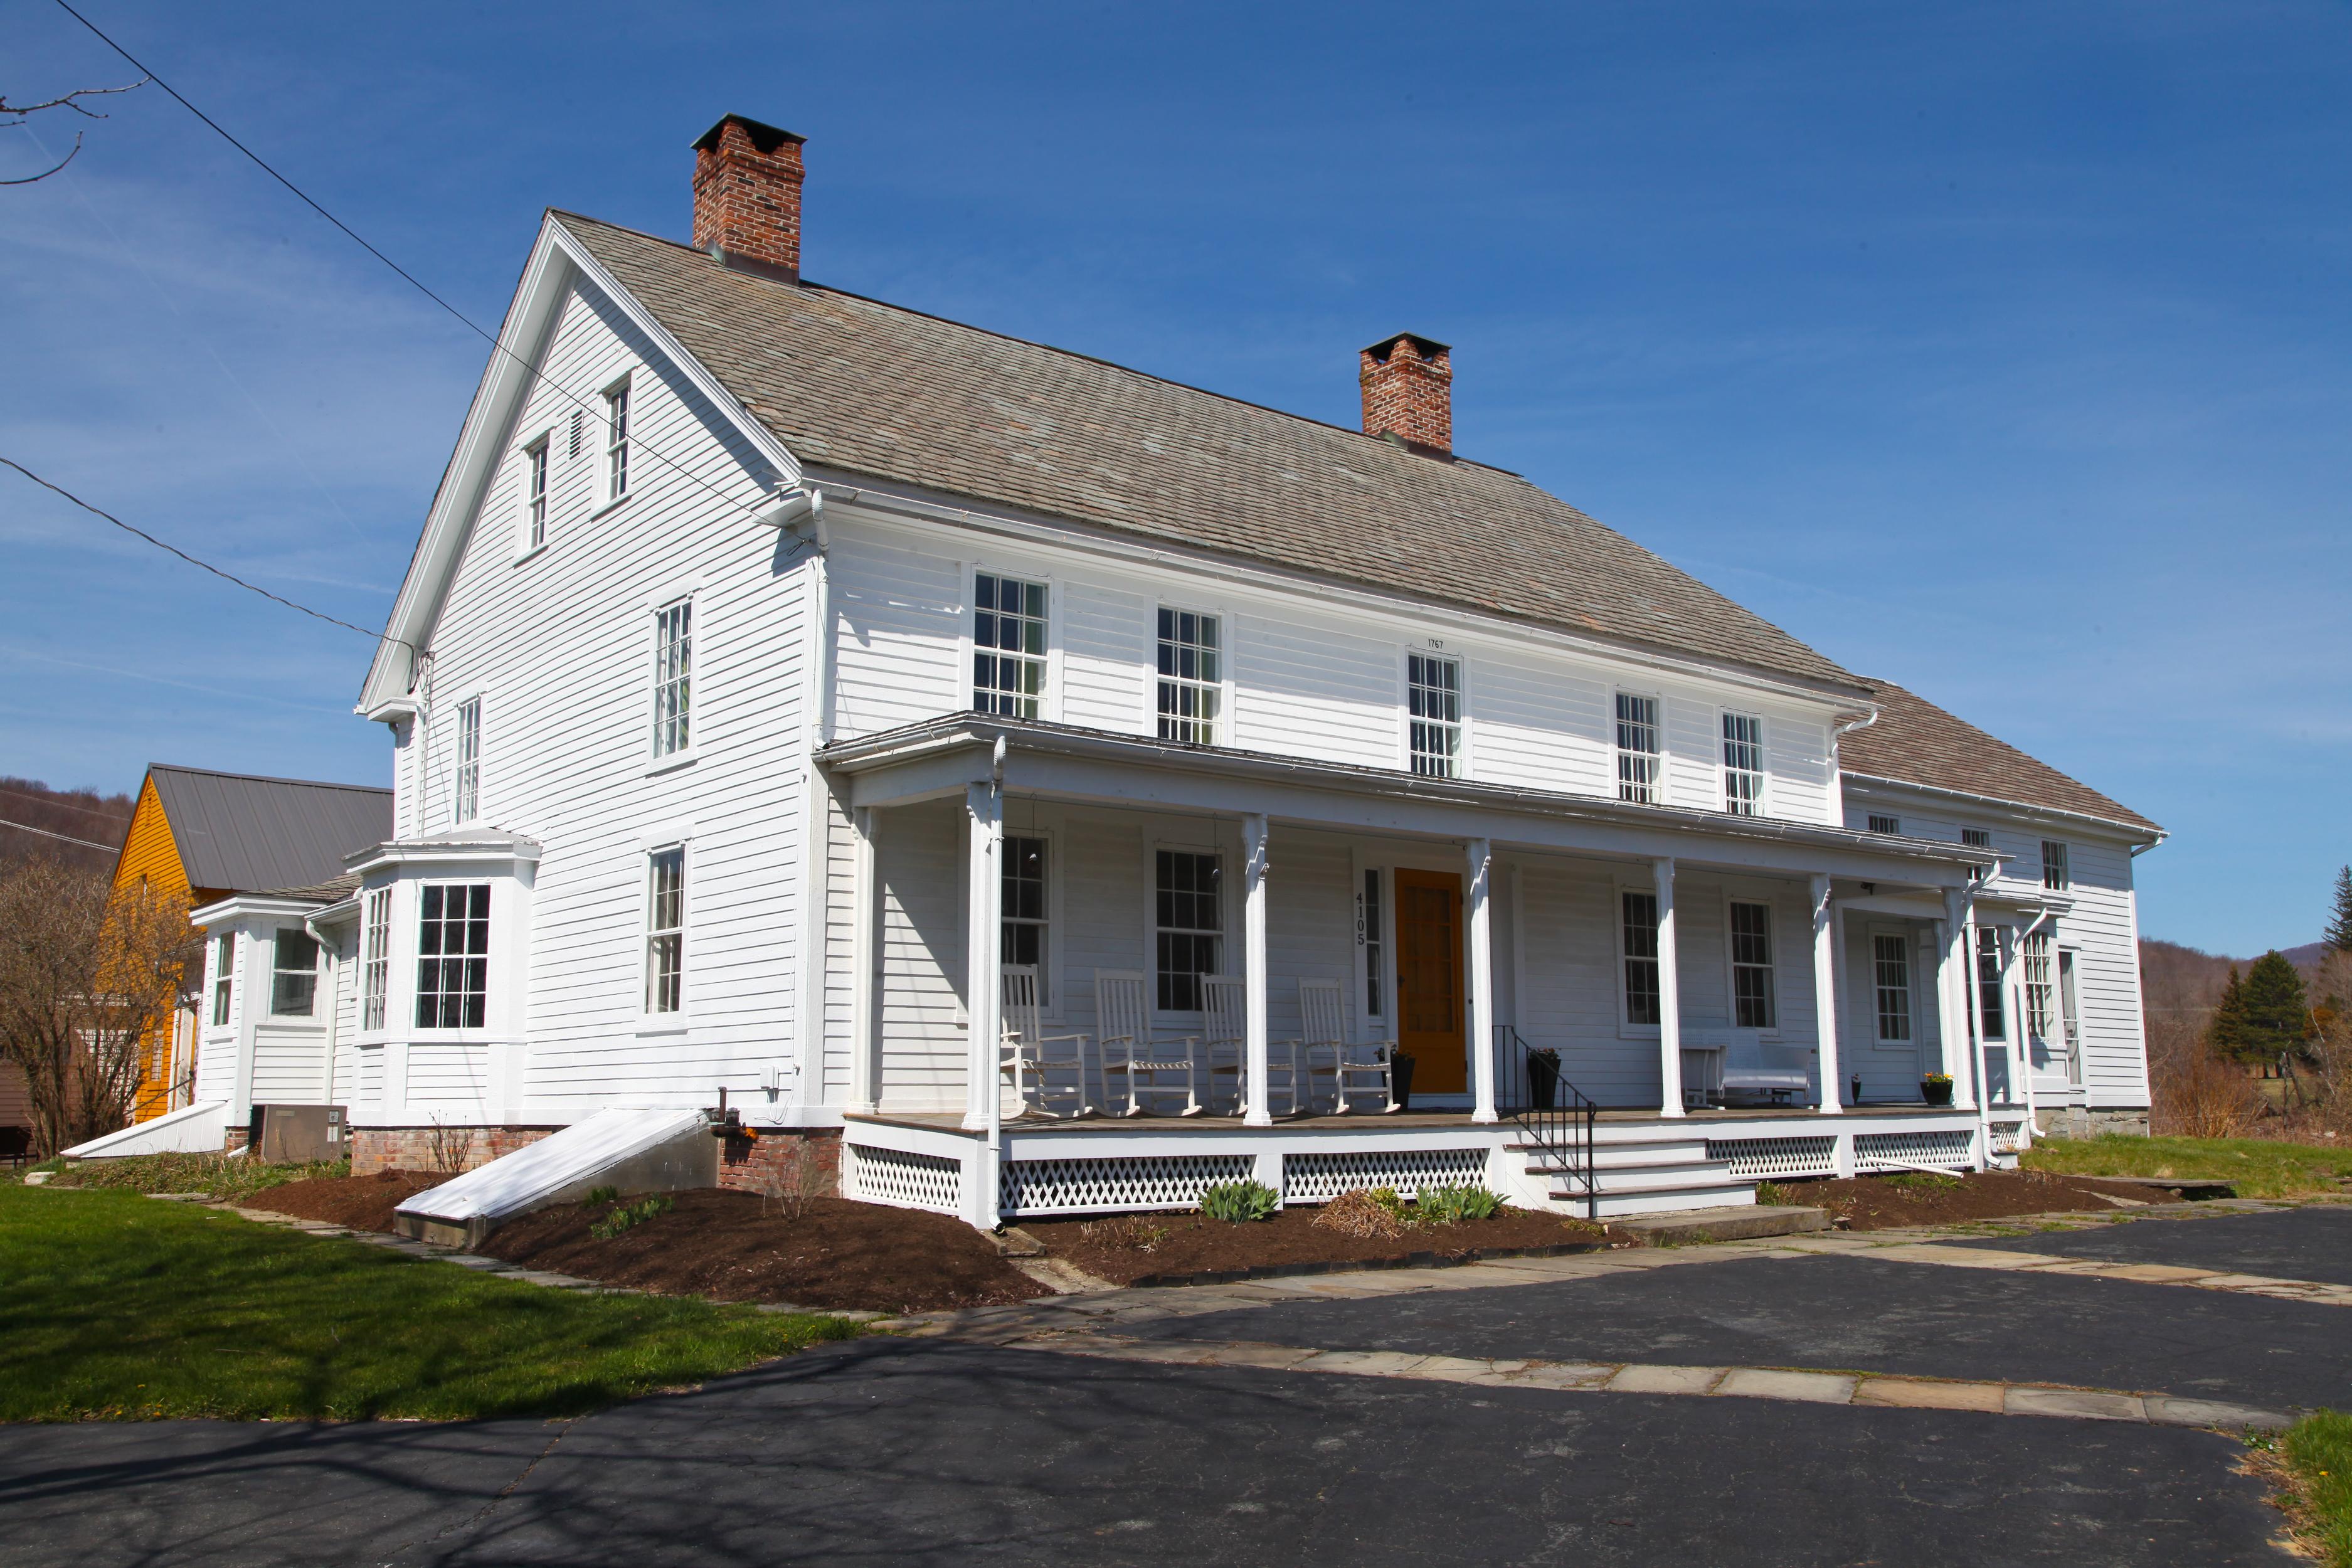 Maison unifamiliale pour l Vente à Stylish, Spacious Antique Farmhouse with Barn on Four Acres 4105 Hancock Rd Hancock, Massachusetts 01237 États-Unis